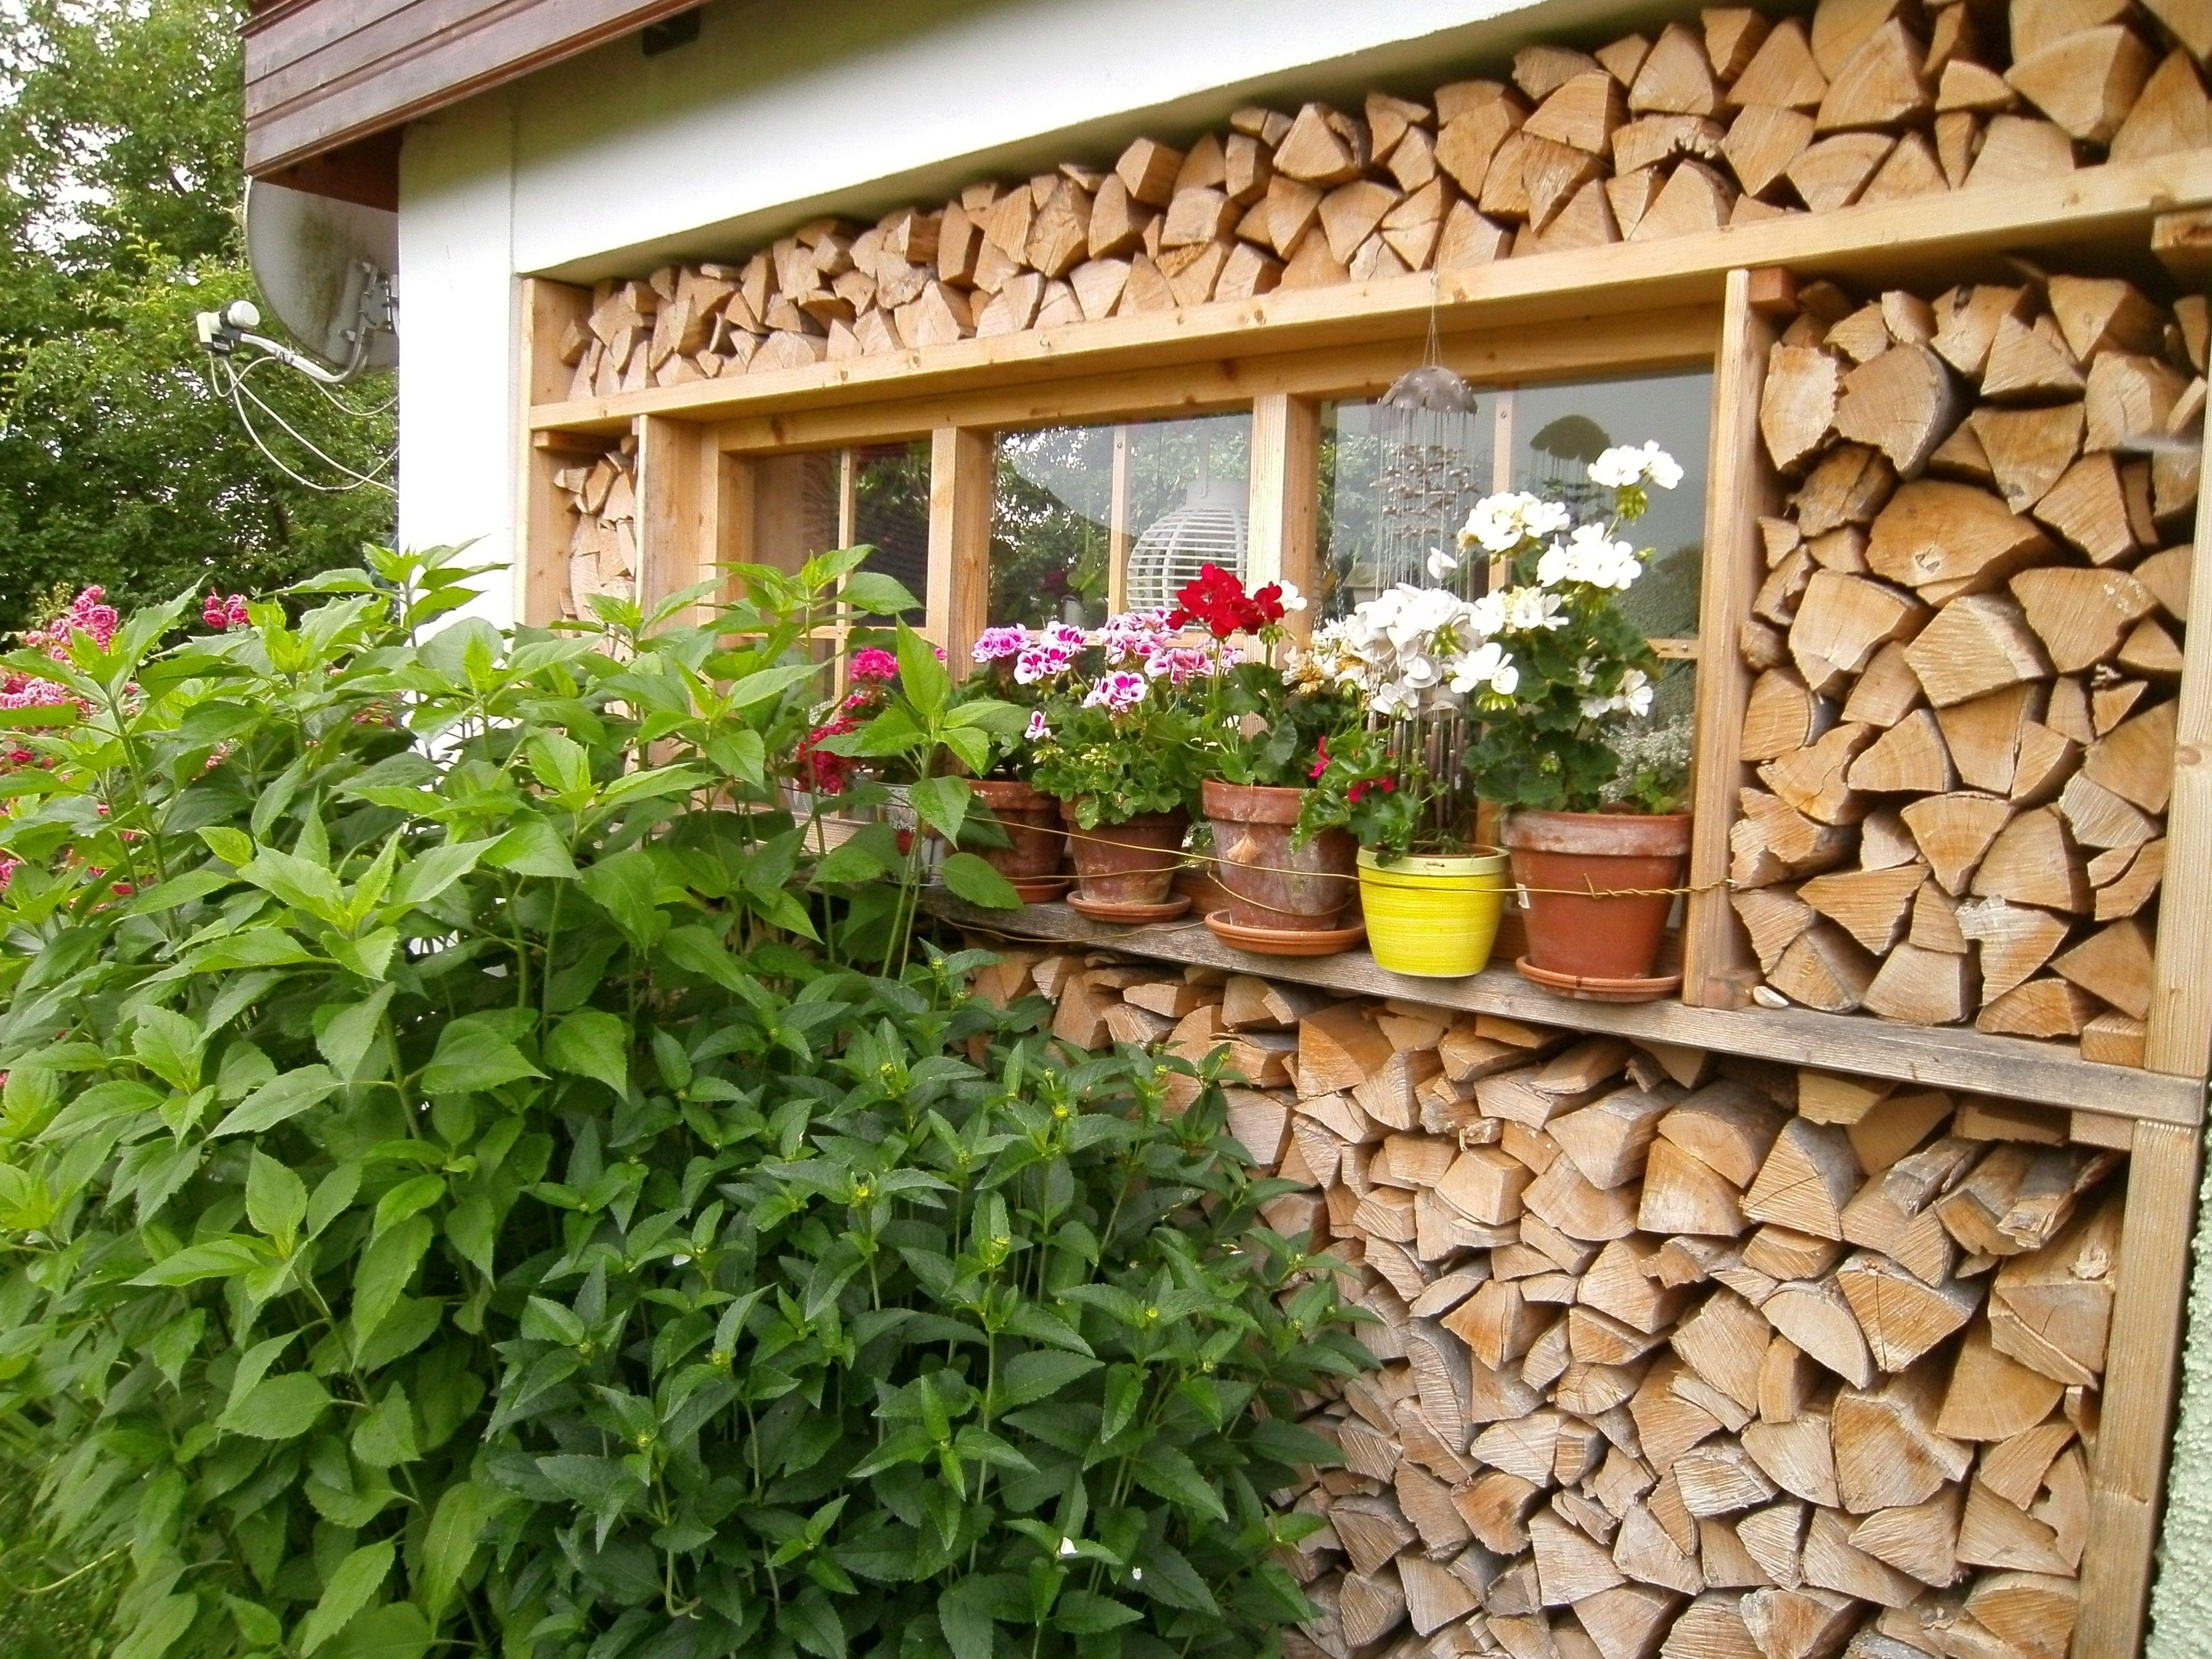 brennholz unterstand bauen holzlager f r brennholz. Black Bedroom Furniture Sets. Home Design Ideas